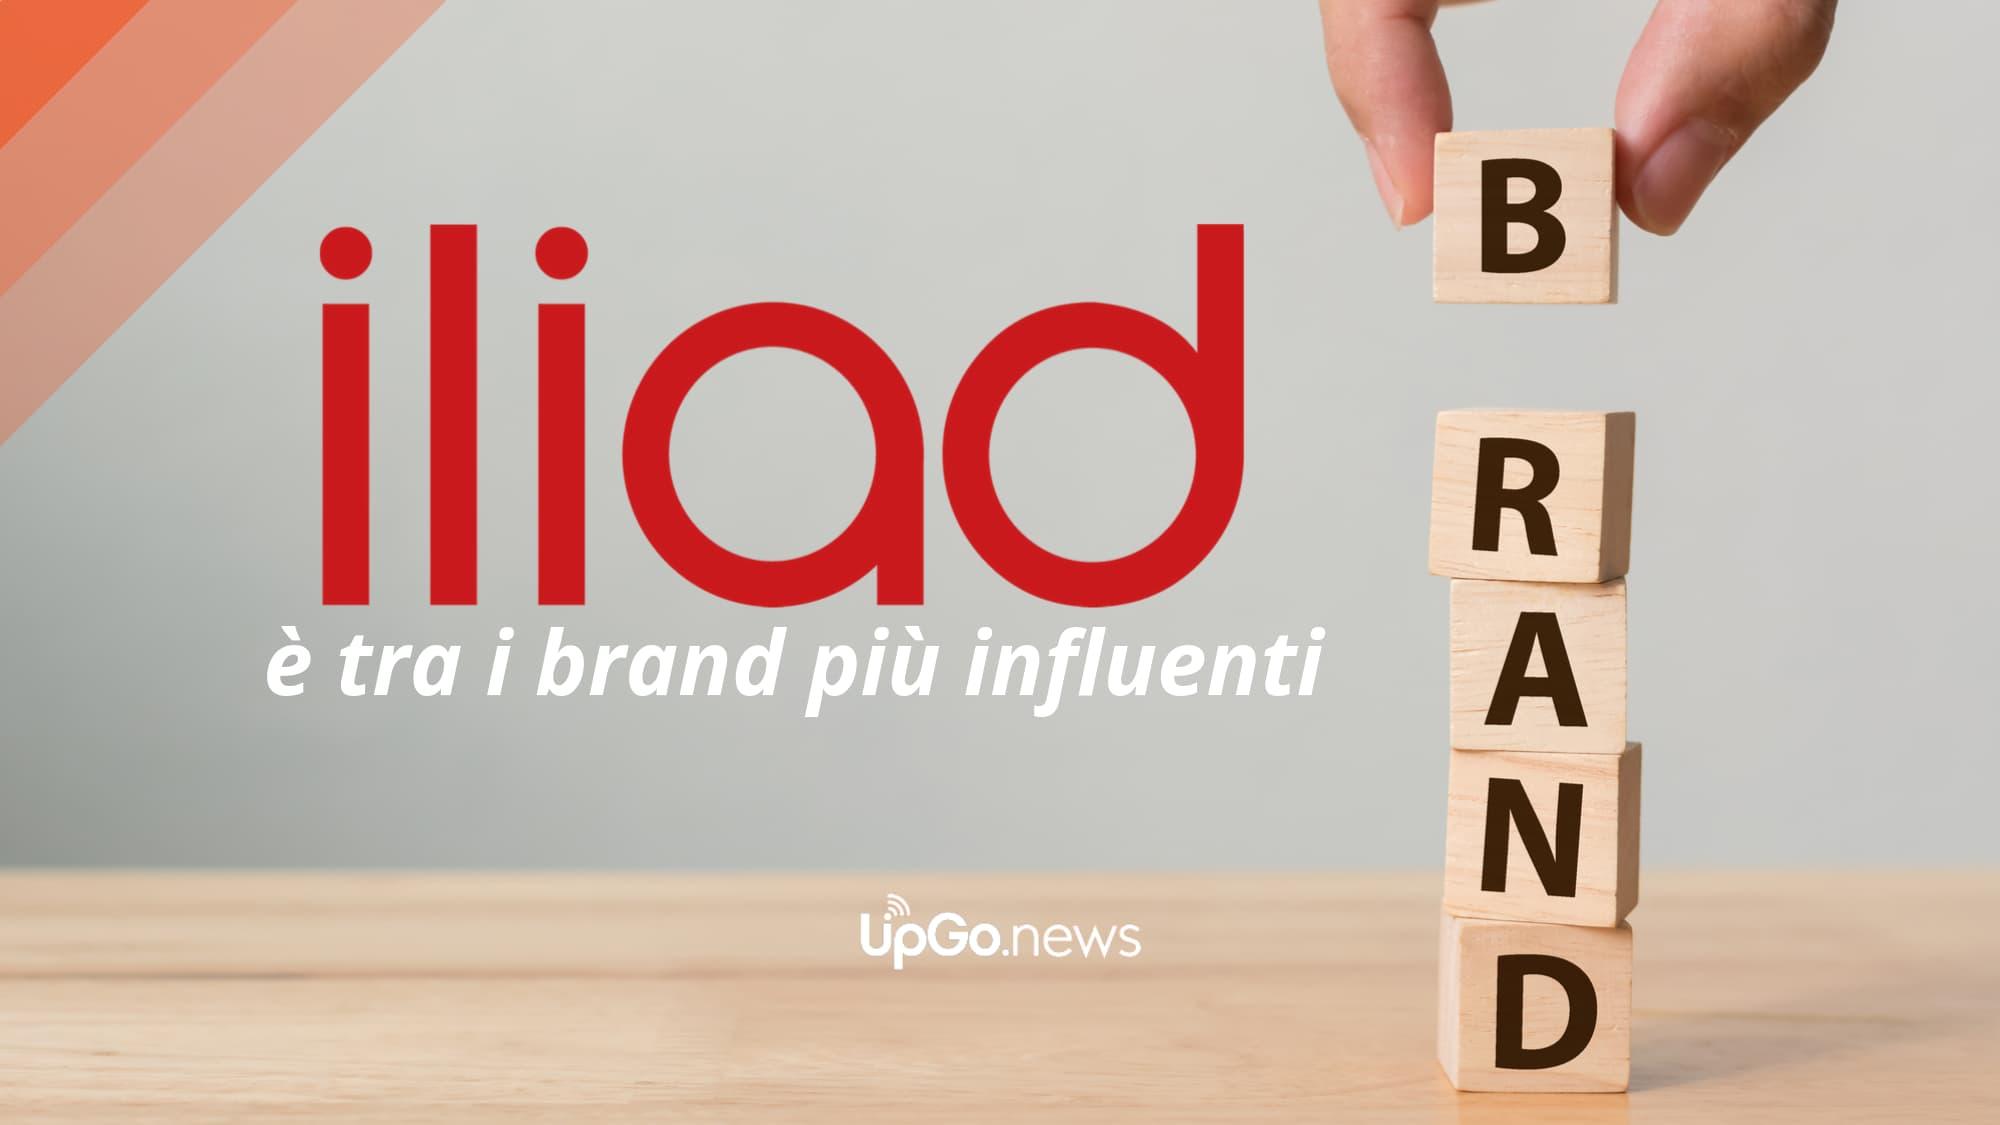 Iliad brand influenti